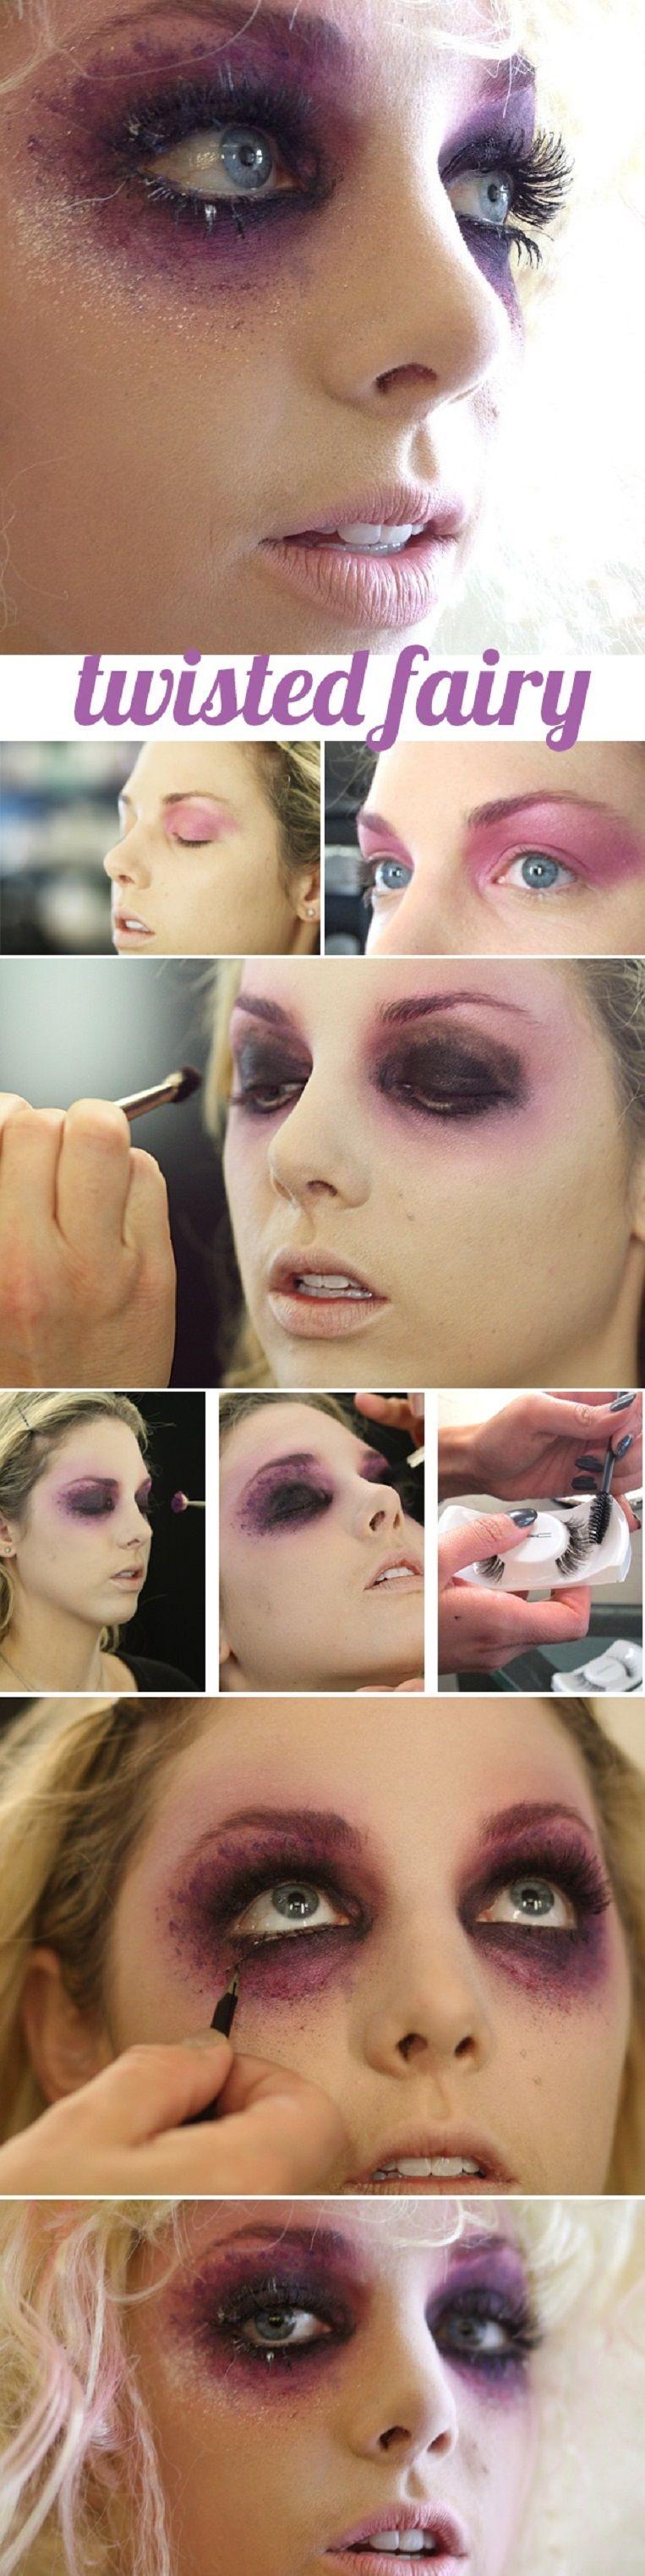 Top 10 last minute makeup tutorials for halloween diy halloween halloween makeup how to twisted fairy 12 best diy halloween makeup tutorials baditri Gallery